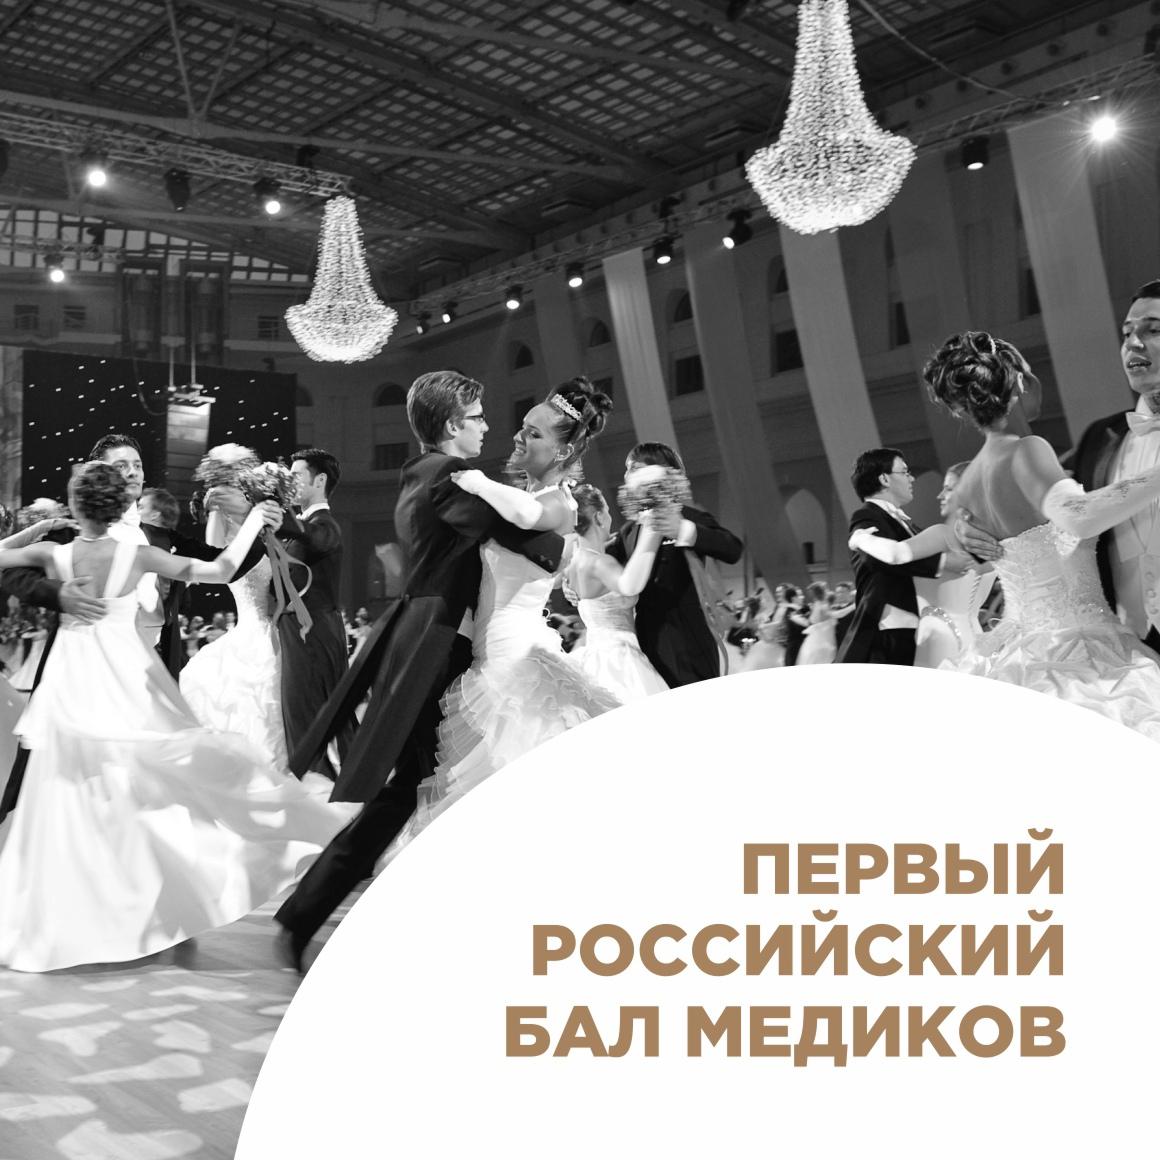 Первый Бал Медиков в России, призванный объединить медицинское сообщество